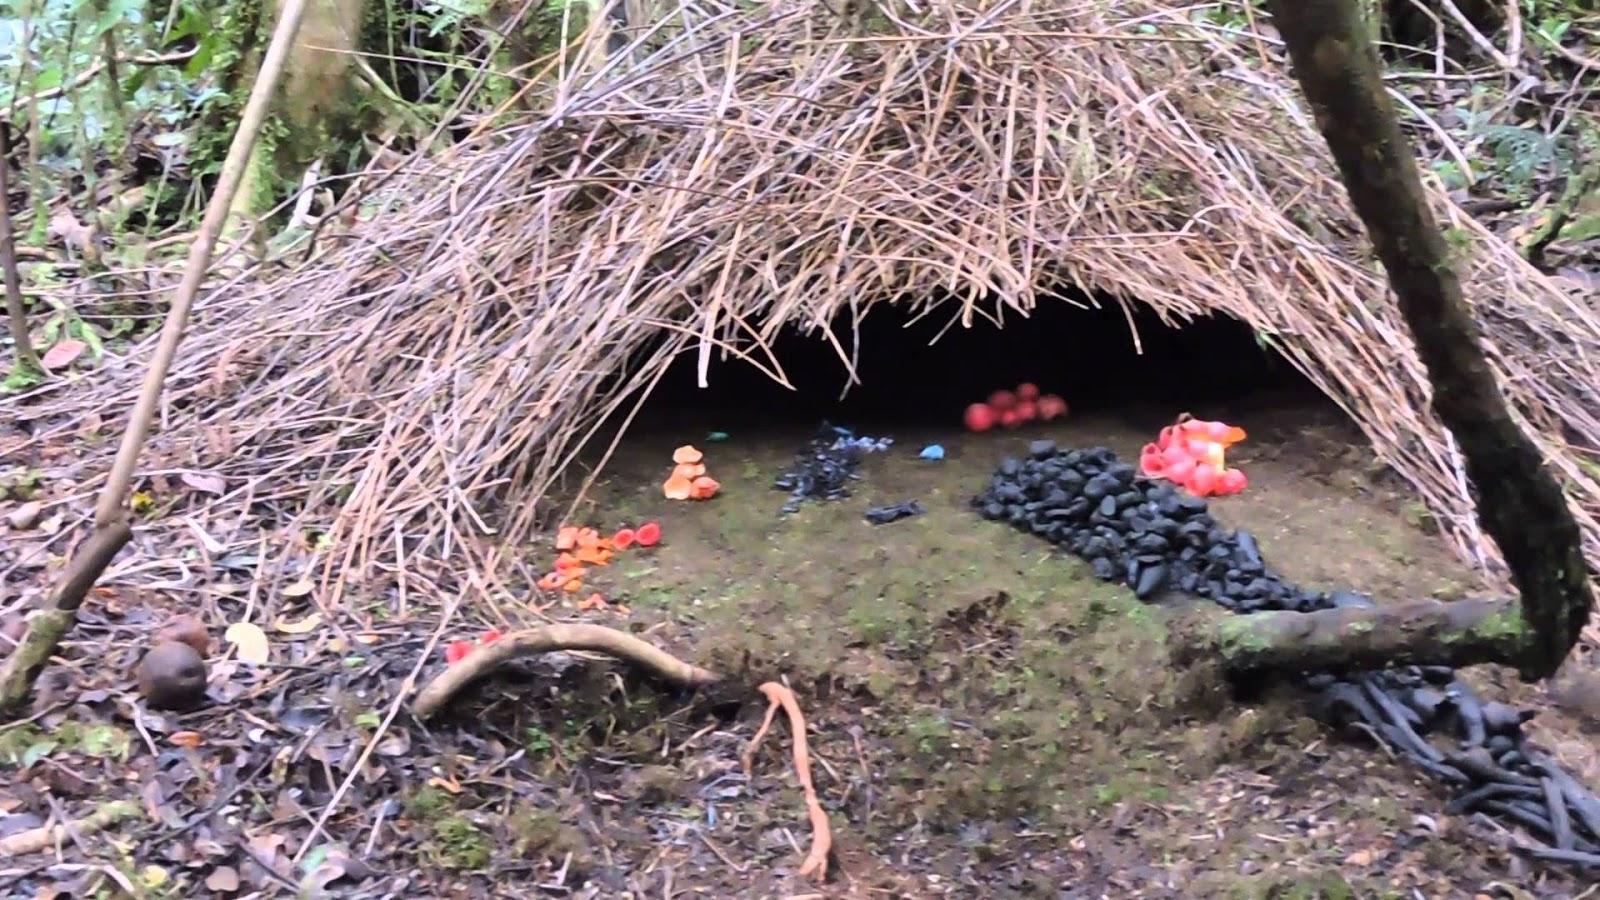 Vogelkop bowerbird nest, forest